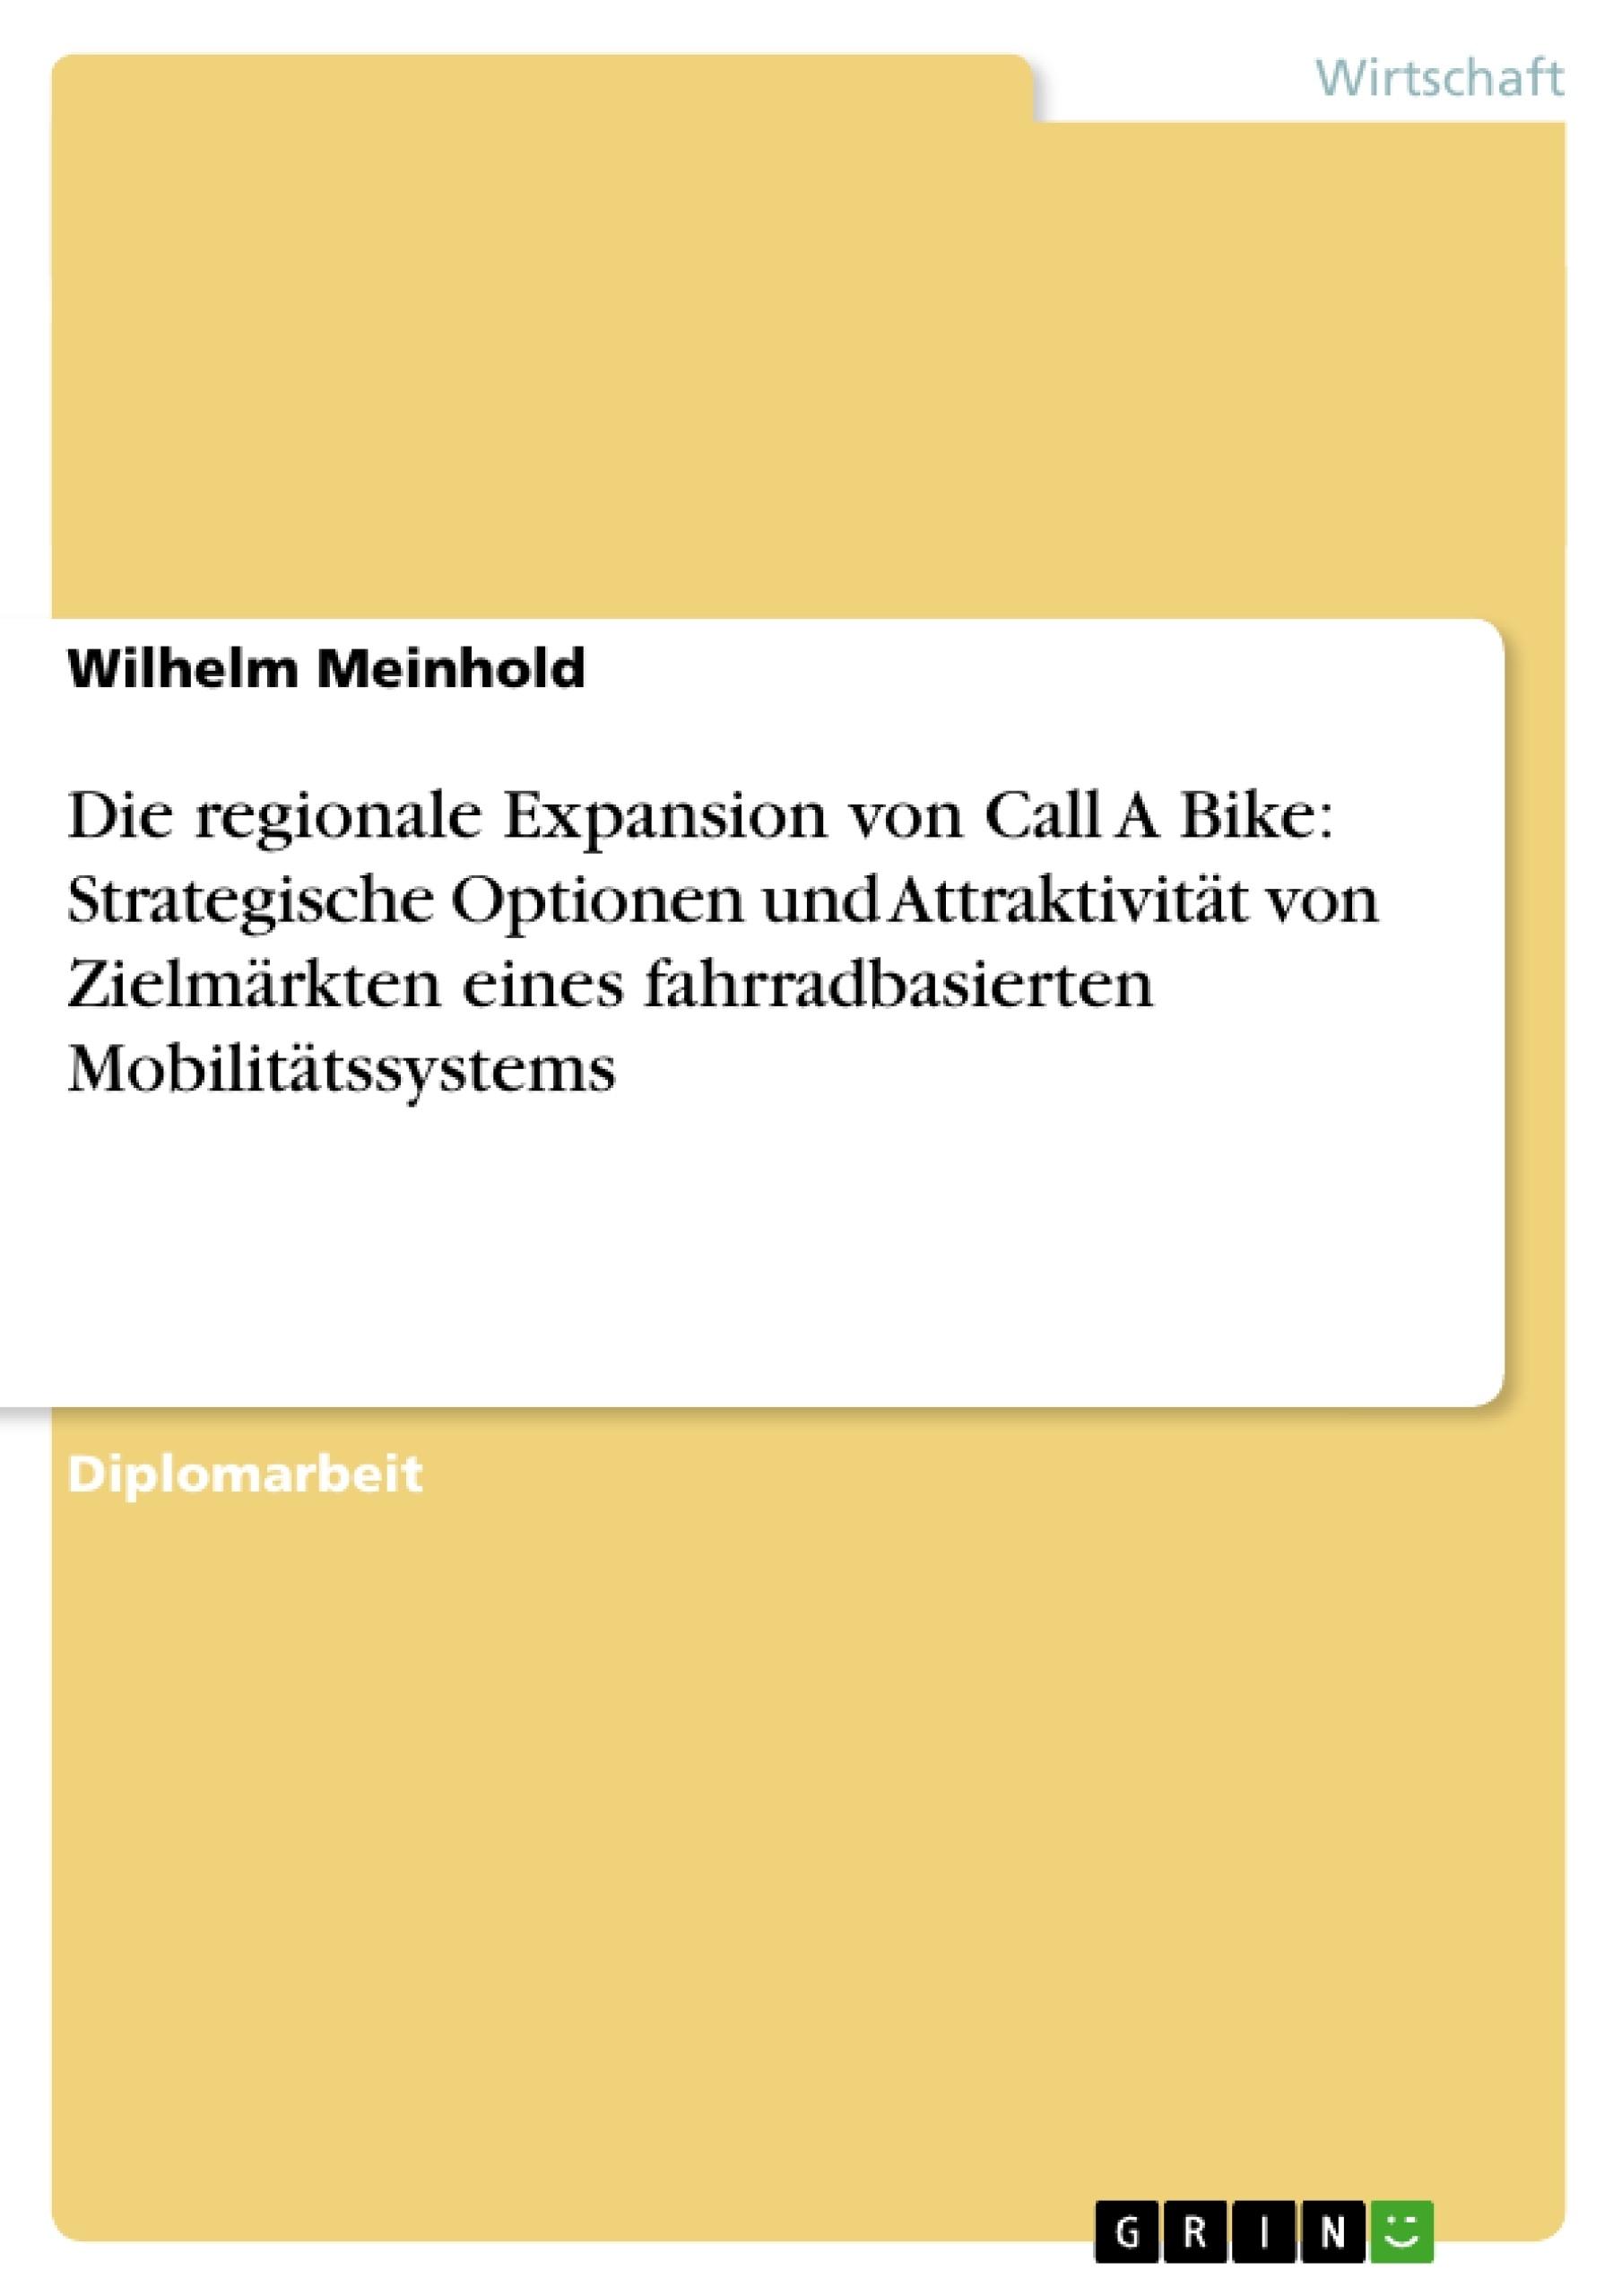 Titel: Die regionale Expansion von Call A Bike: Strategische Optionen und Attraktivität von Zielmärkten eines fahrradbasierten Mobilitätssystems